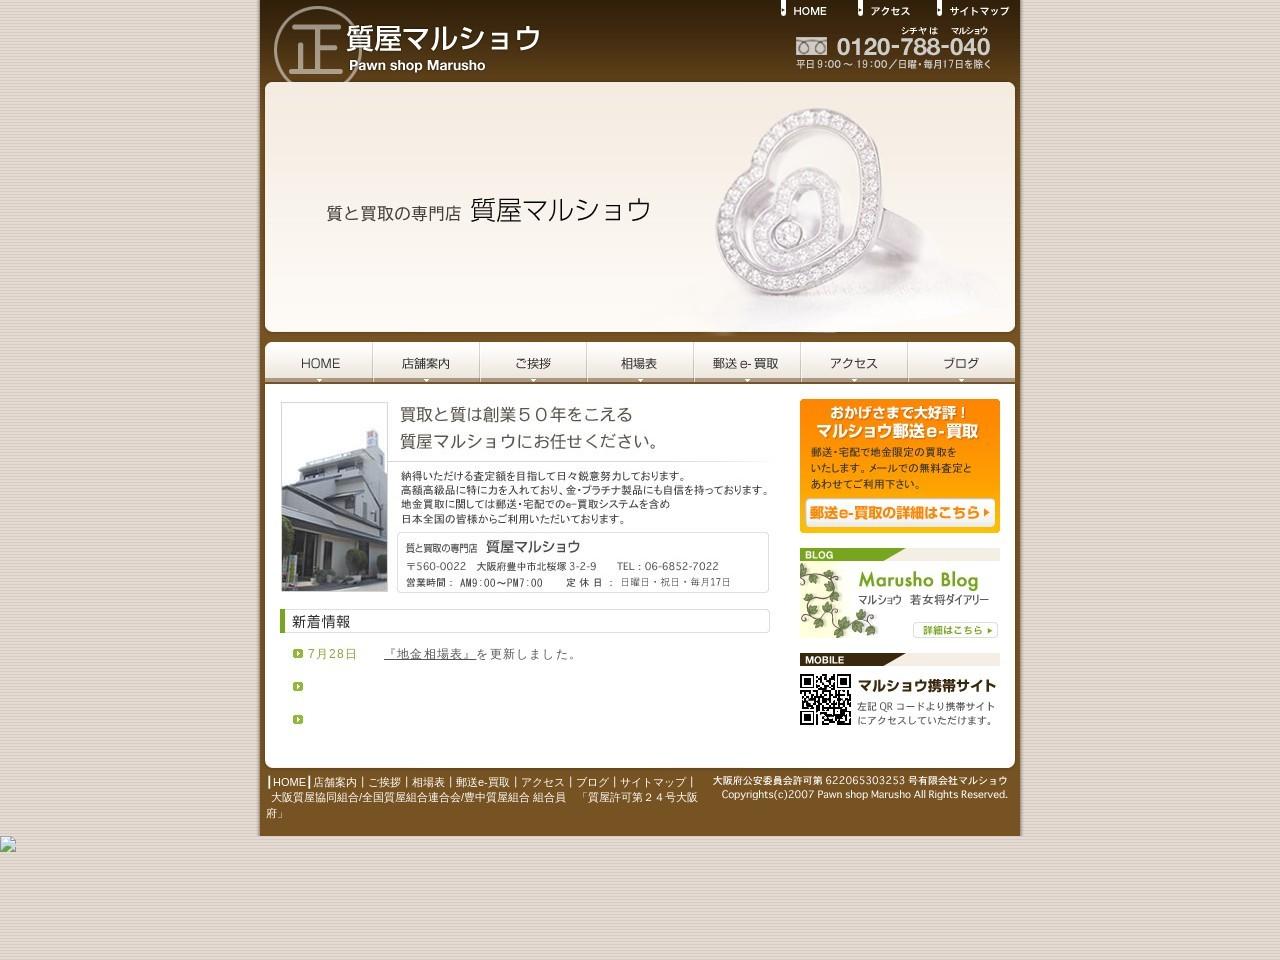 質屋マルショウ 大阪豊中市の質と買取専門の質屋